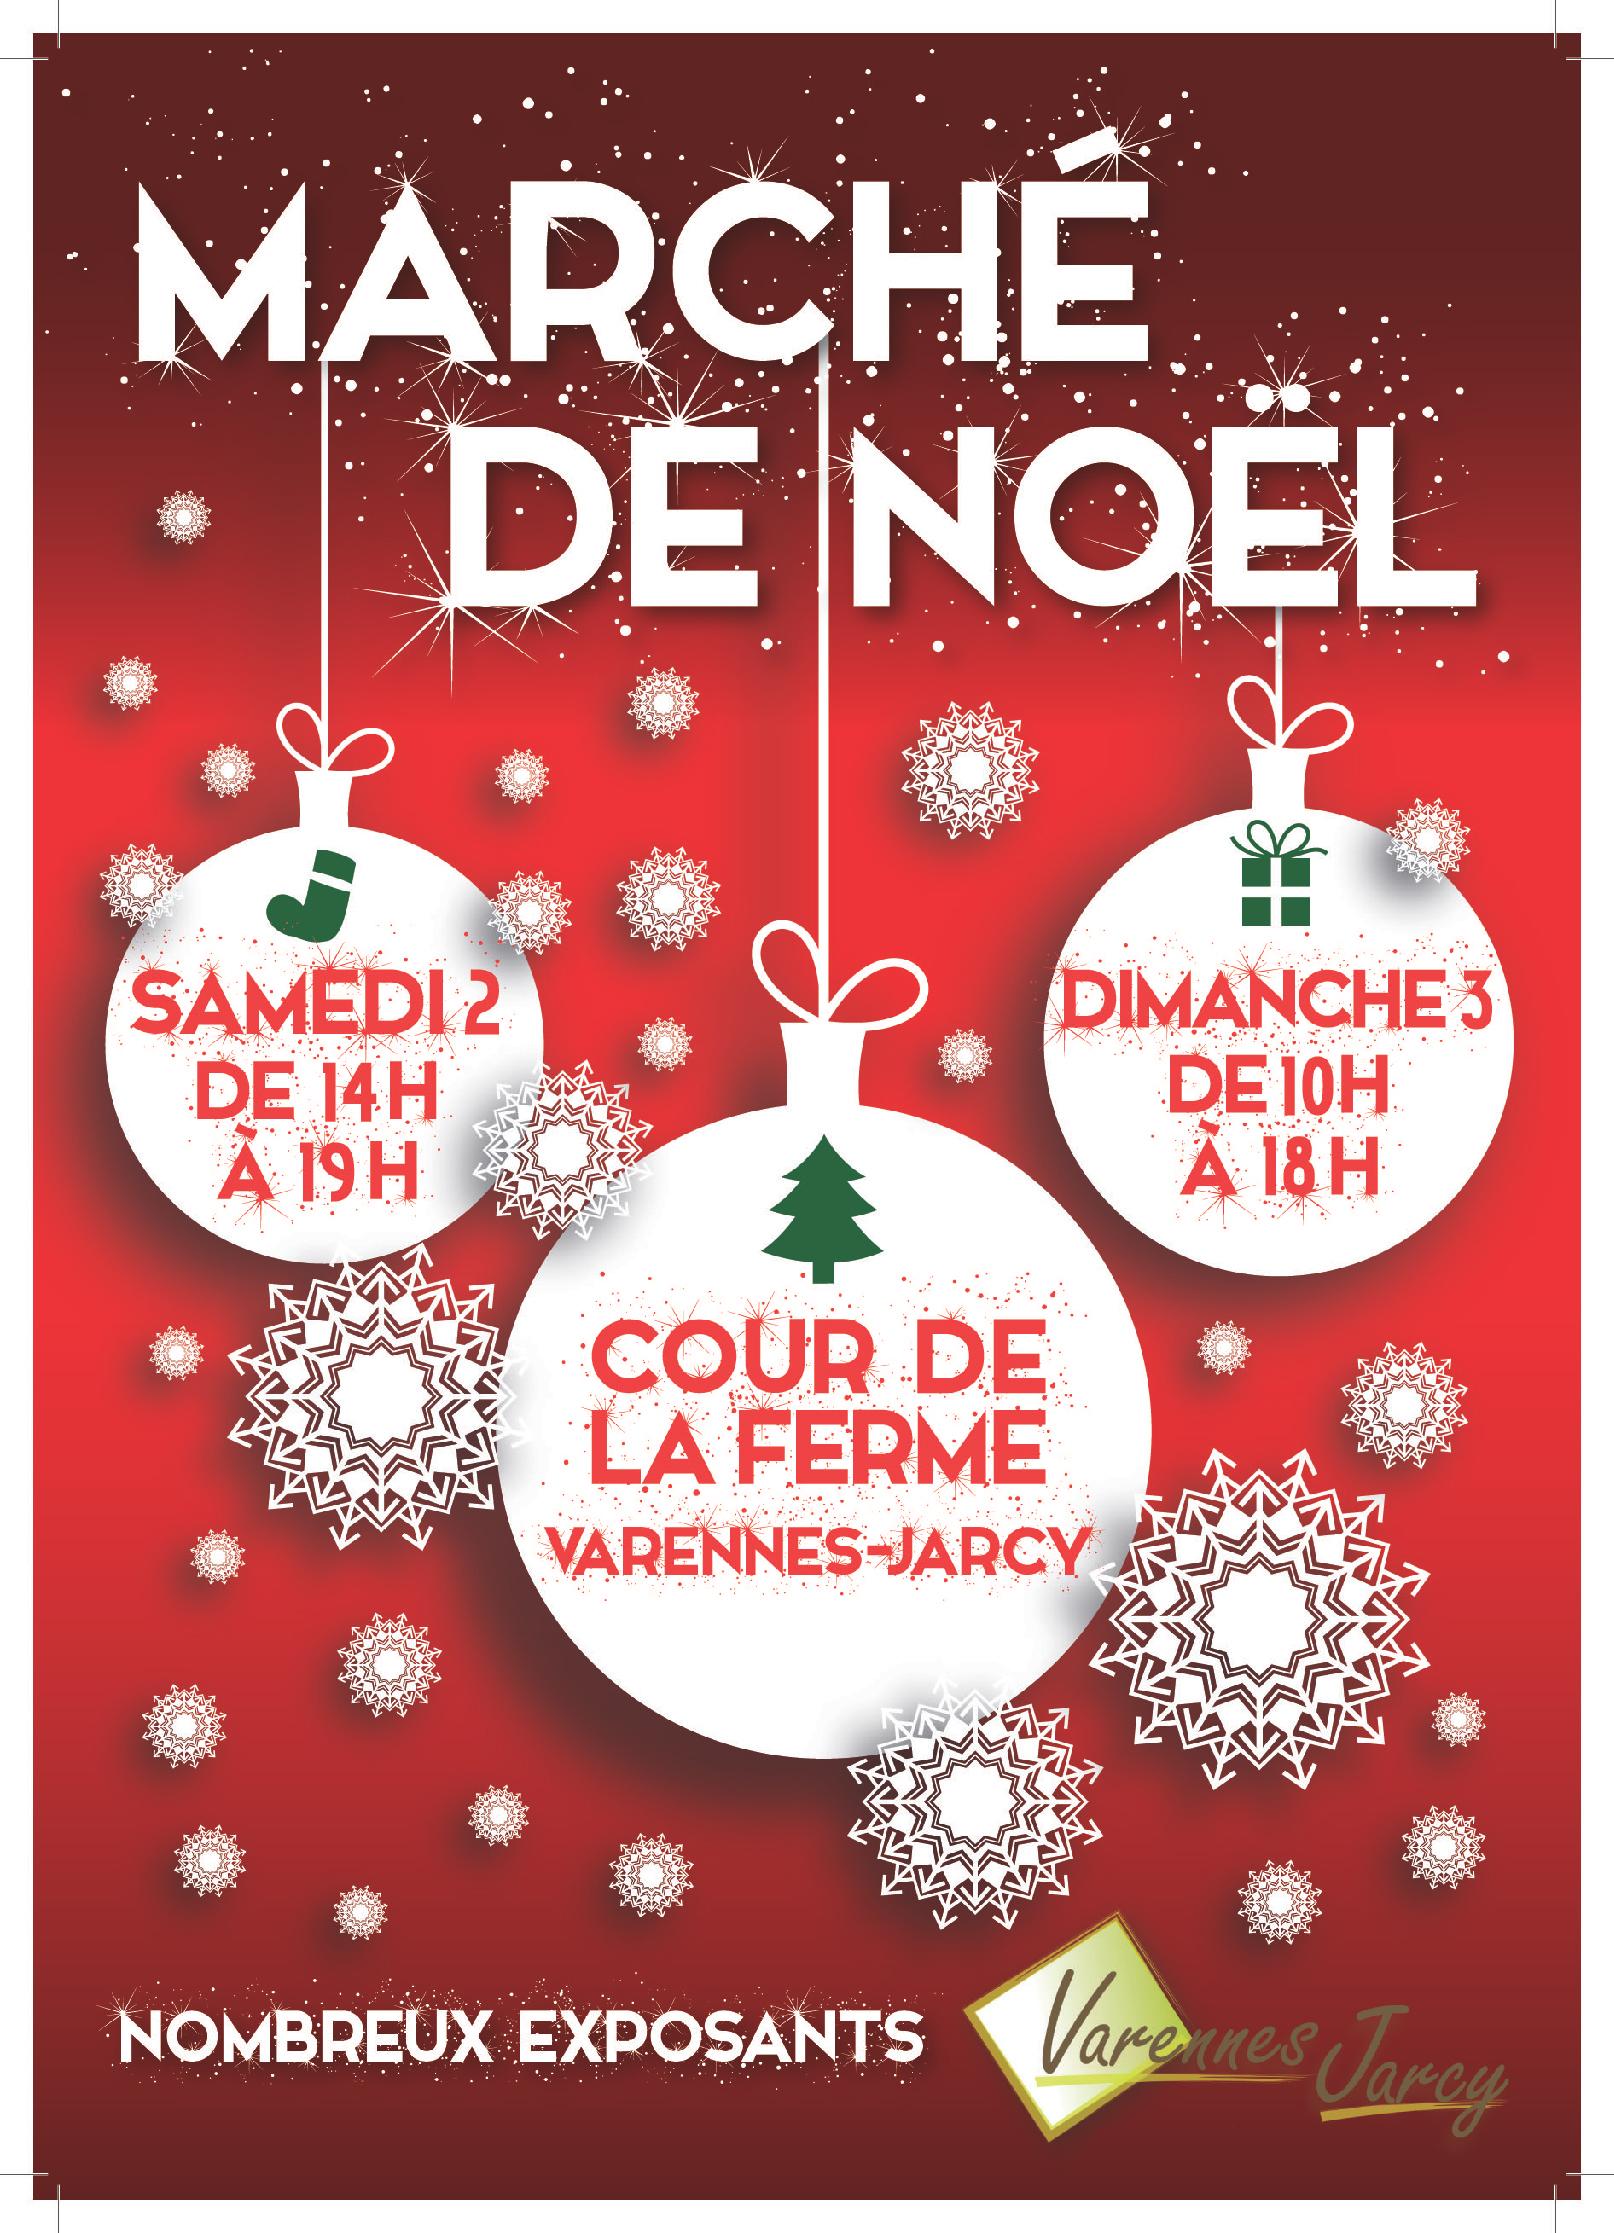 thumbnail of Affiche Marché de Noël 2017